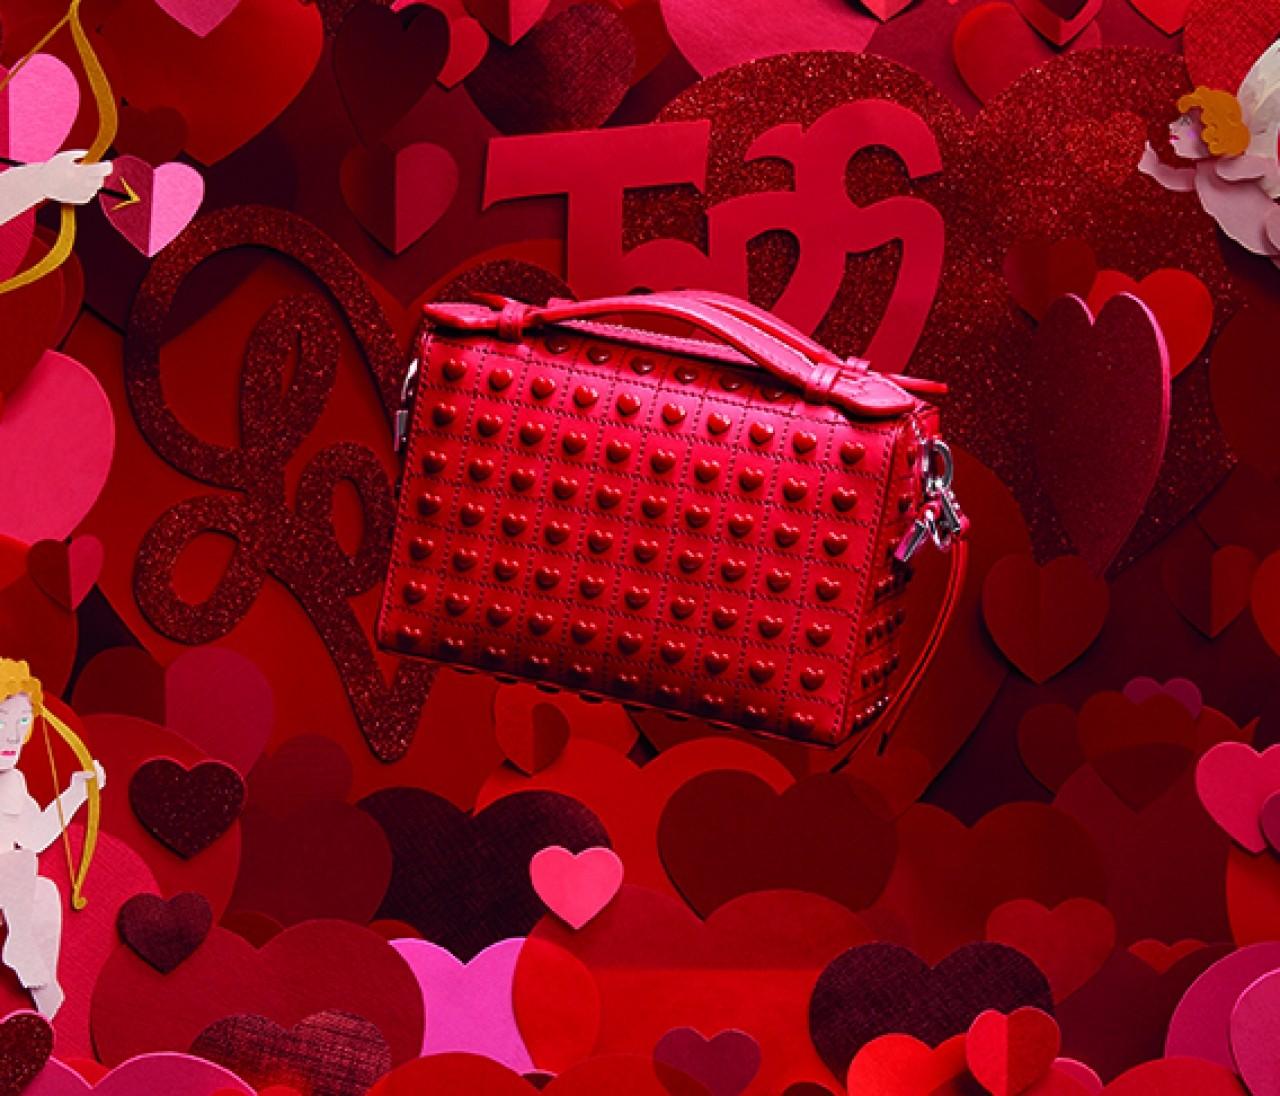 【バレンタイン記念♡】ハイブランドの激レア限定アイテム10選